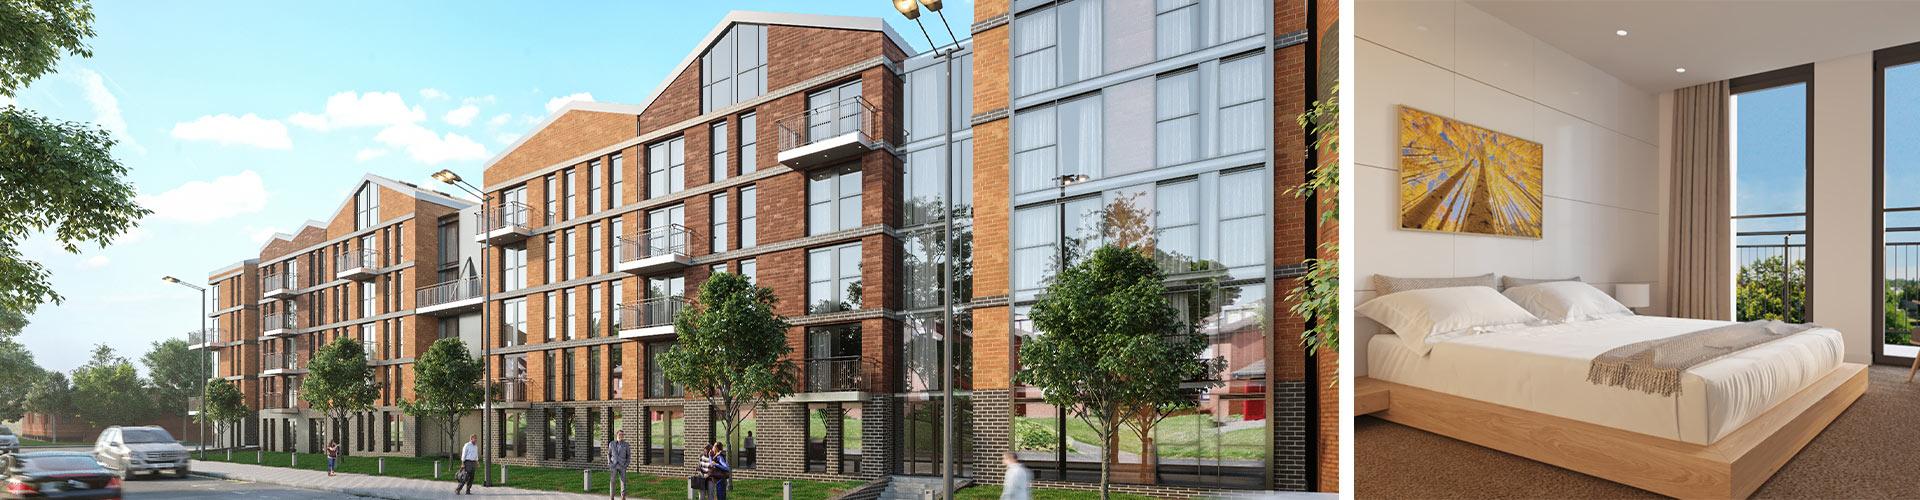 Arden Gate Apartments, Birmingham Banner